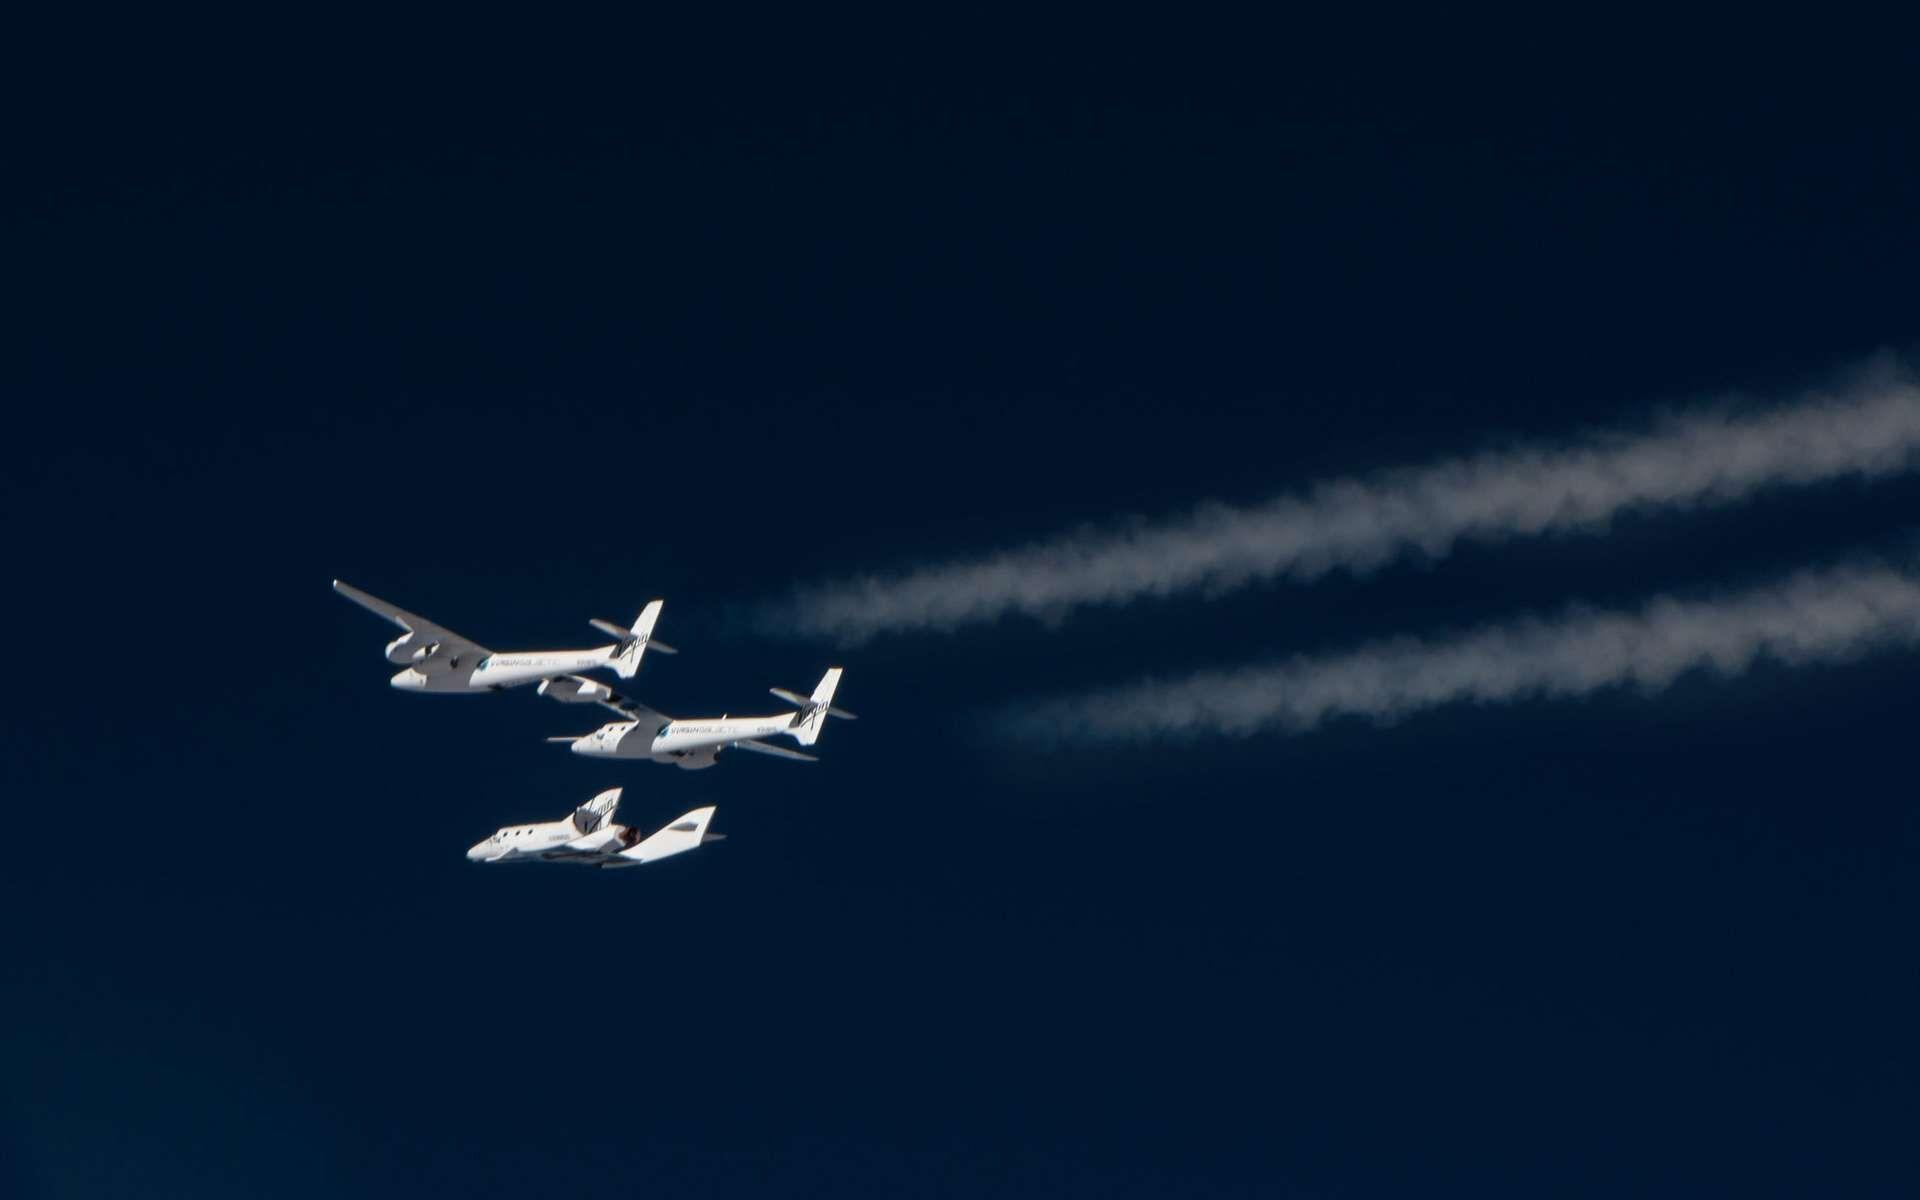 D'un point de vue commercial, la situation n'est évidemment pas tenable pour Virgin Galactic qui pourrait être contrainte d'abandonner le SpaceShipTwo au profit d'un autre véhicule.